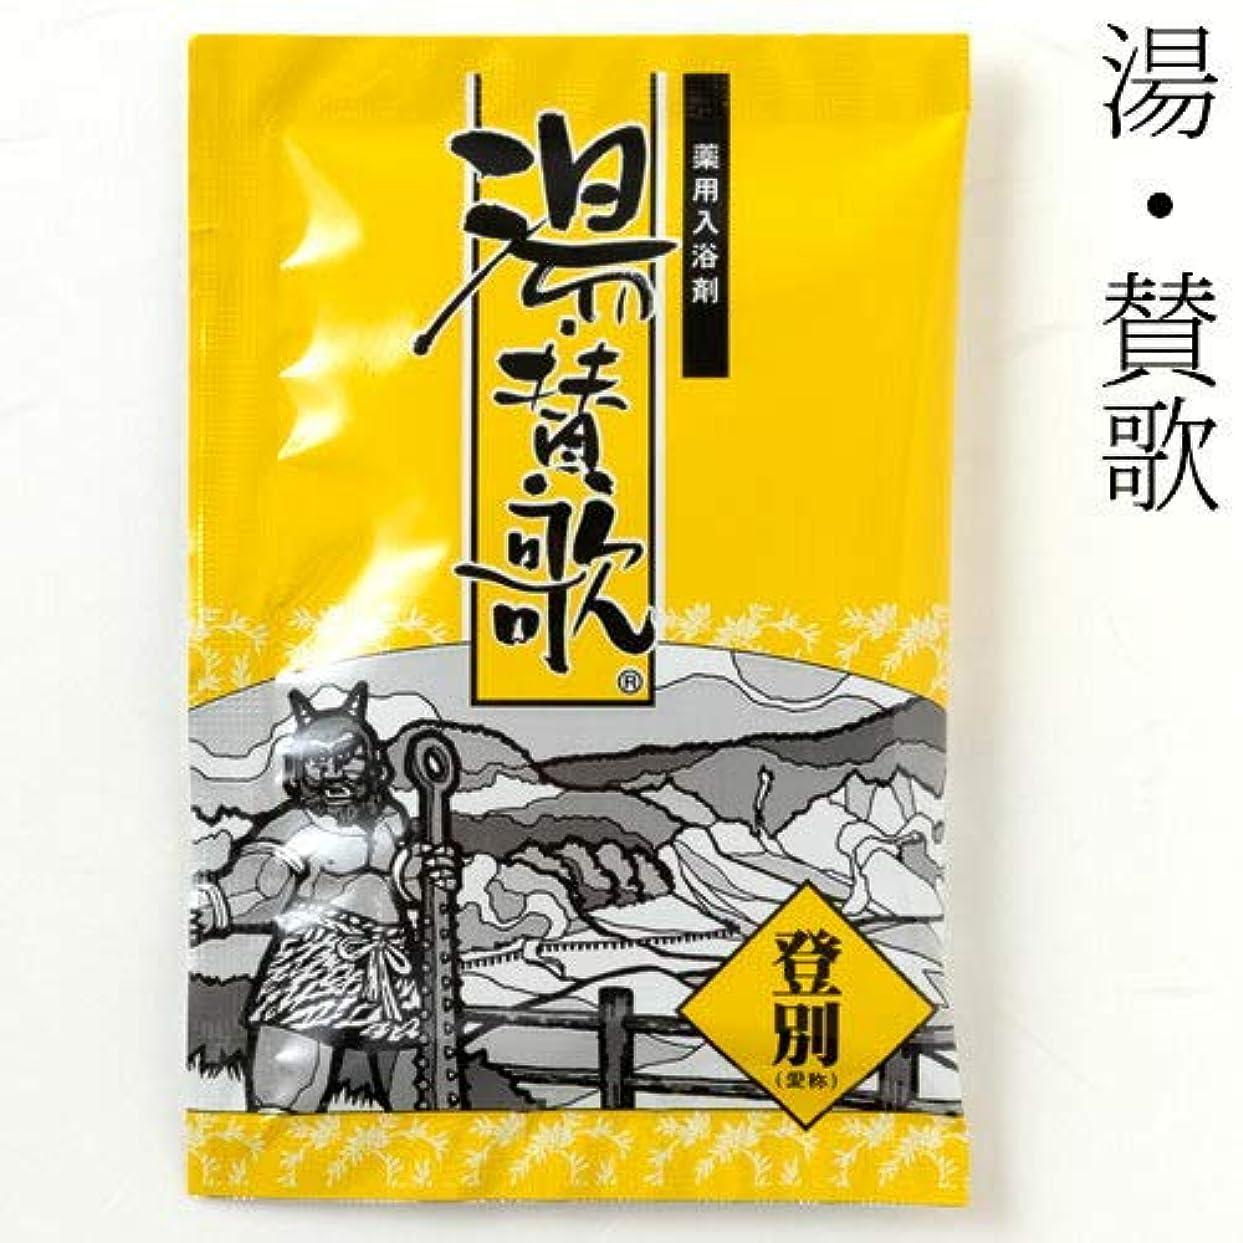 いつでも学ぶ最大化する入浴剤湯?賛歌登別1包石川県のお風呂グッズBath additive, Ishikawa craft